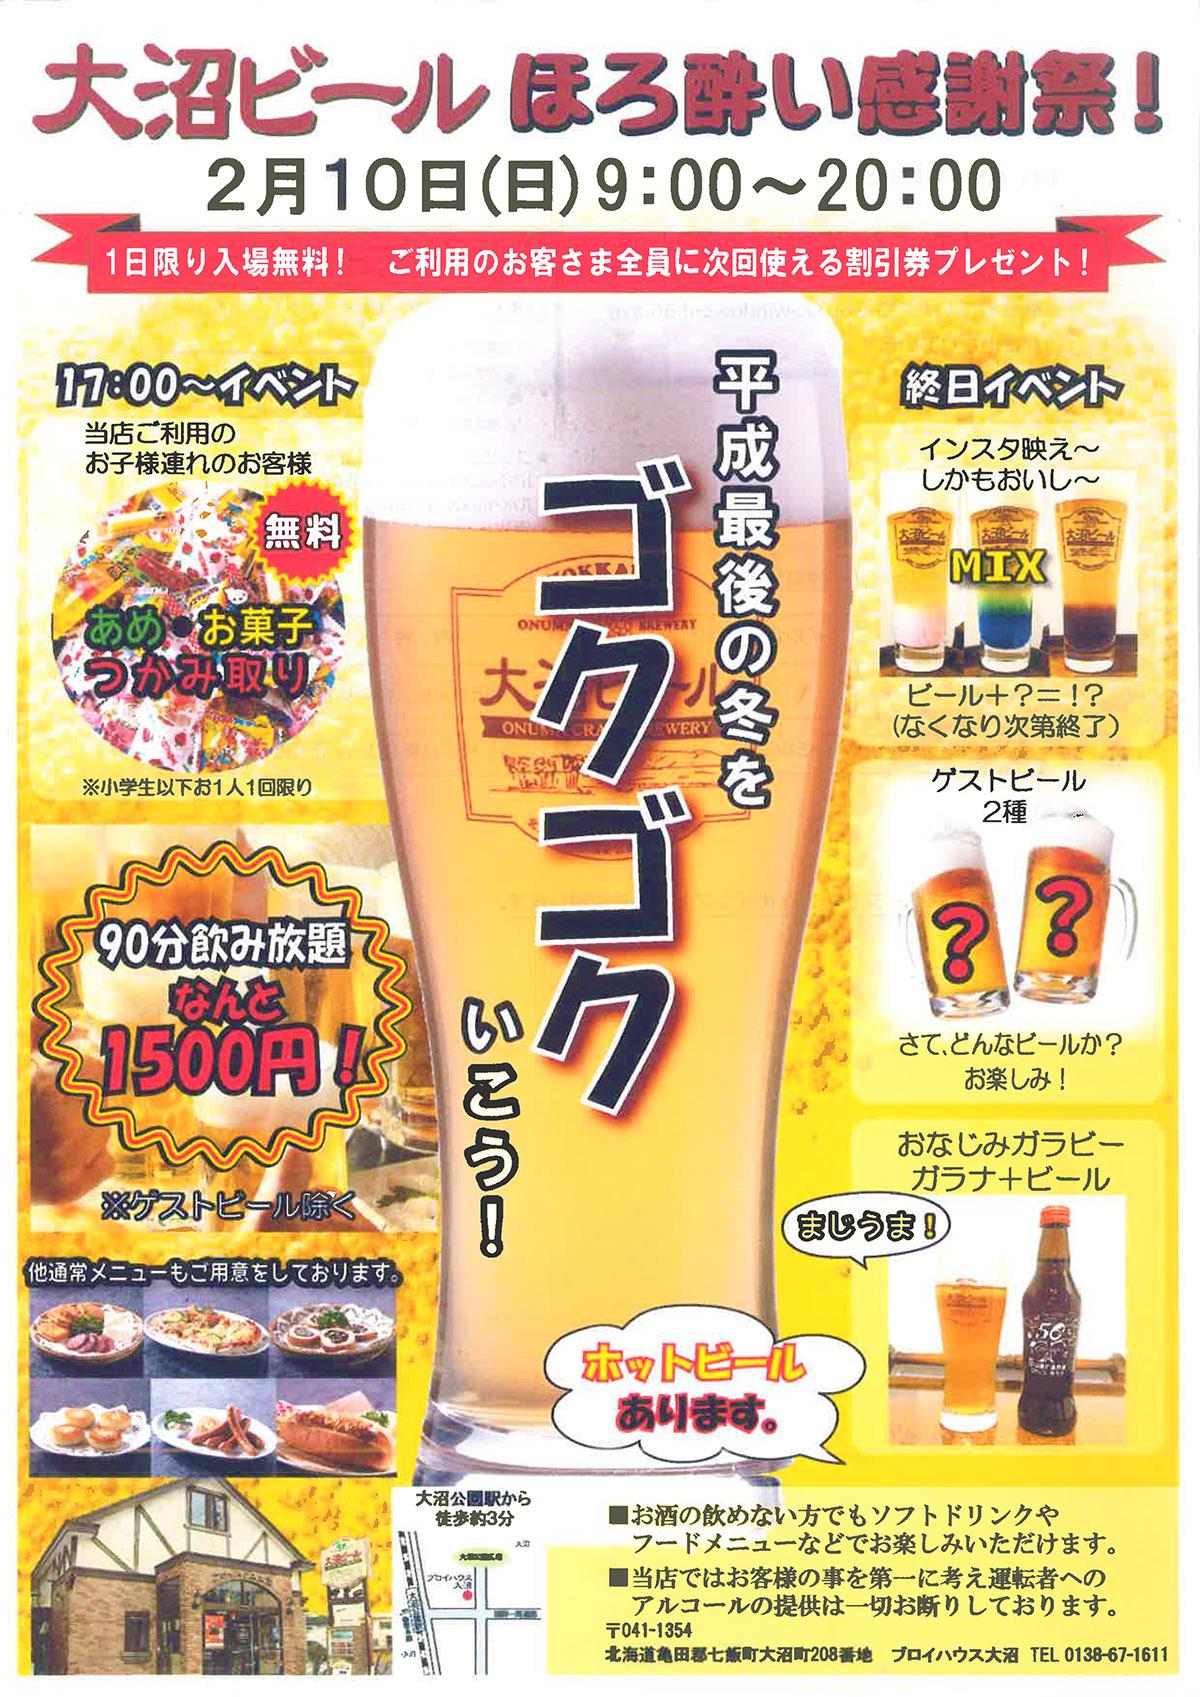 大沼ビールほろ酔い感謝祭